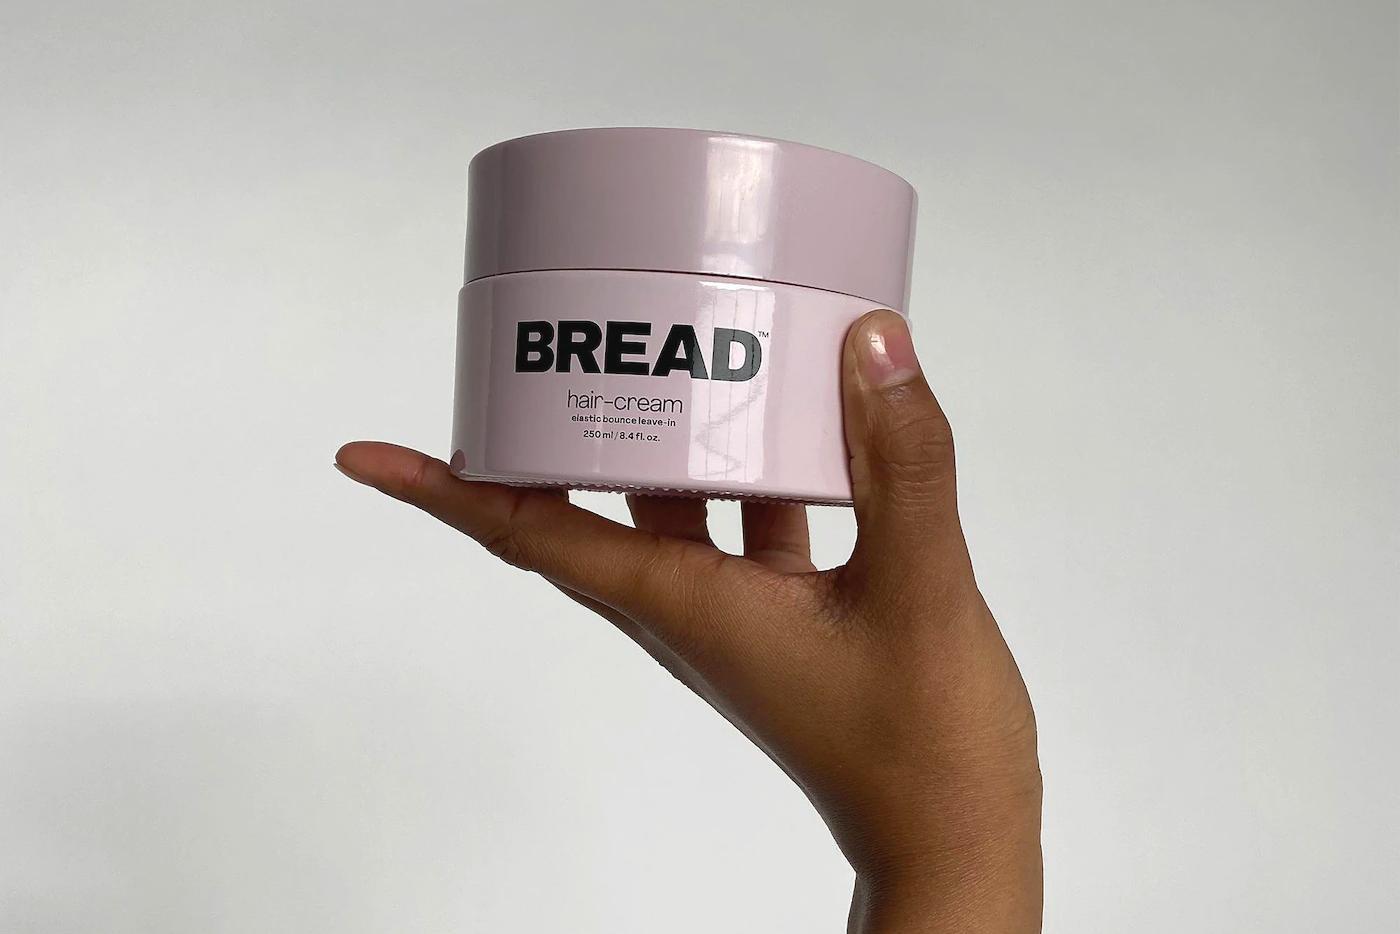 bread curl cream